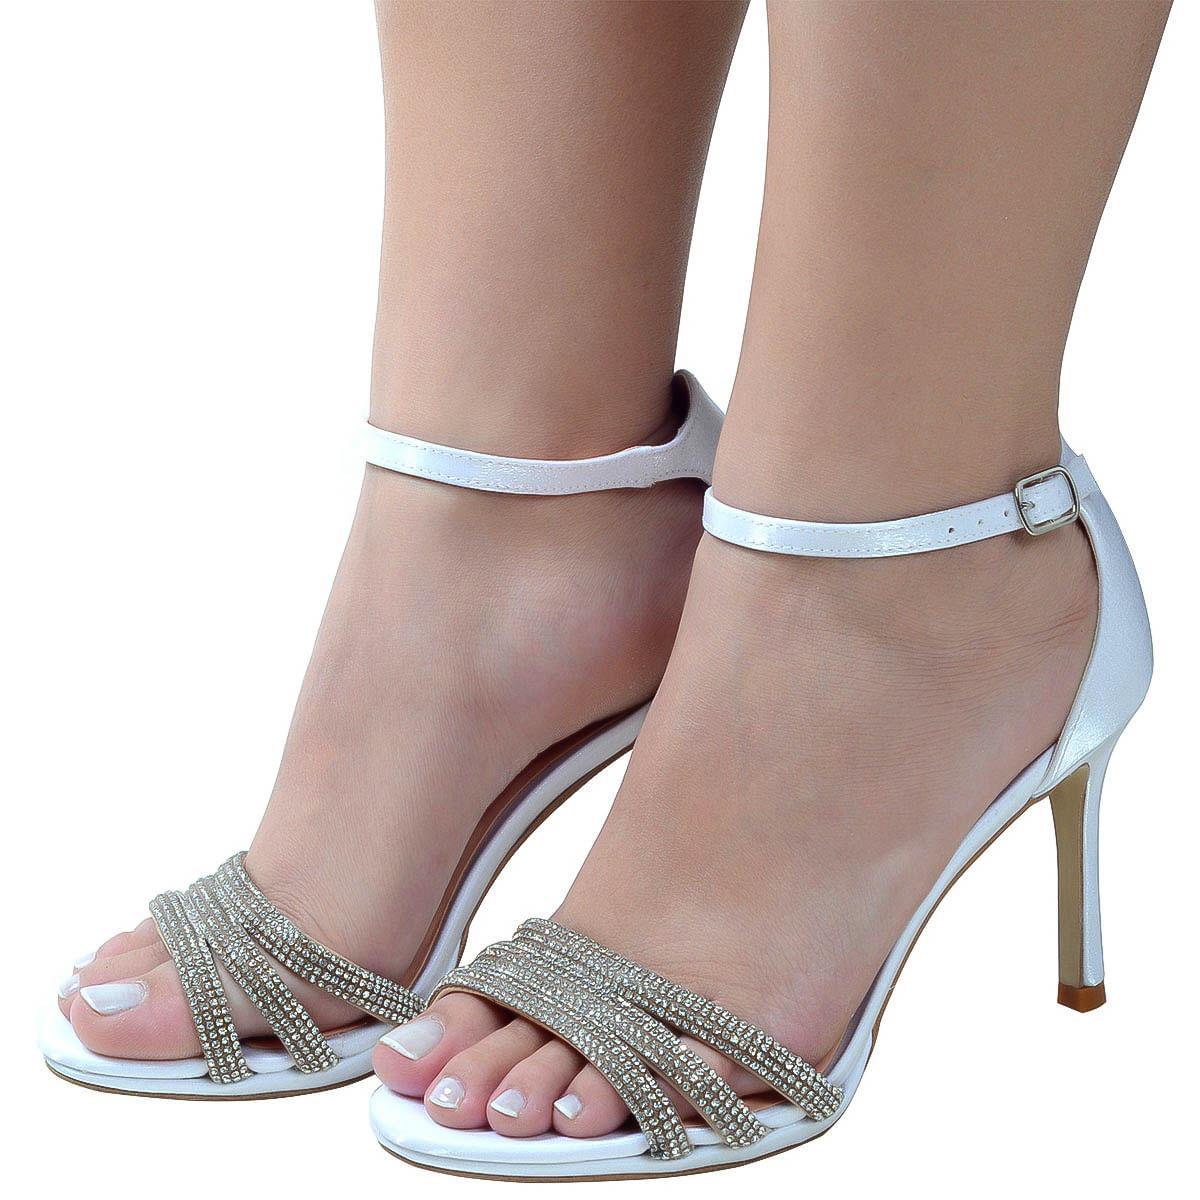 58491eef5 Sandalia Branco Strass Noiva Branco - Laura Prado